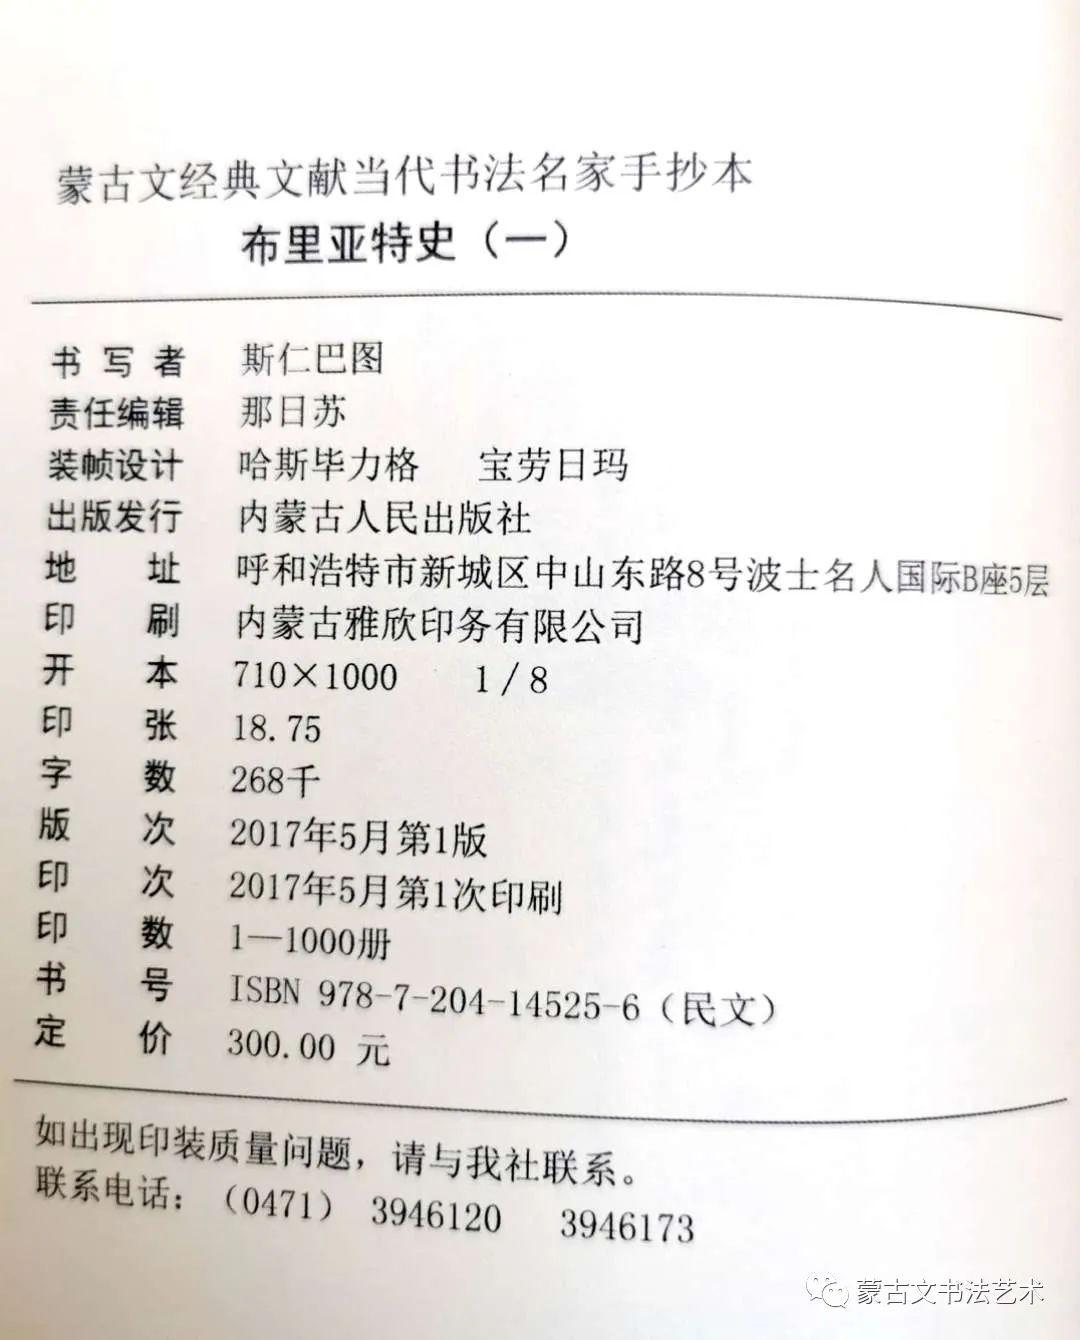 蒙古文经典文献当代书法名家手抄本之斯仁巴图《布里亚特史》 第11张